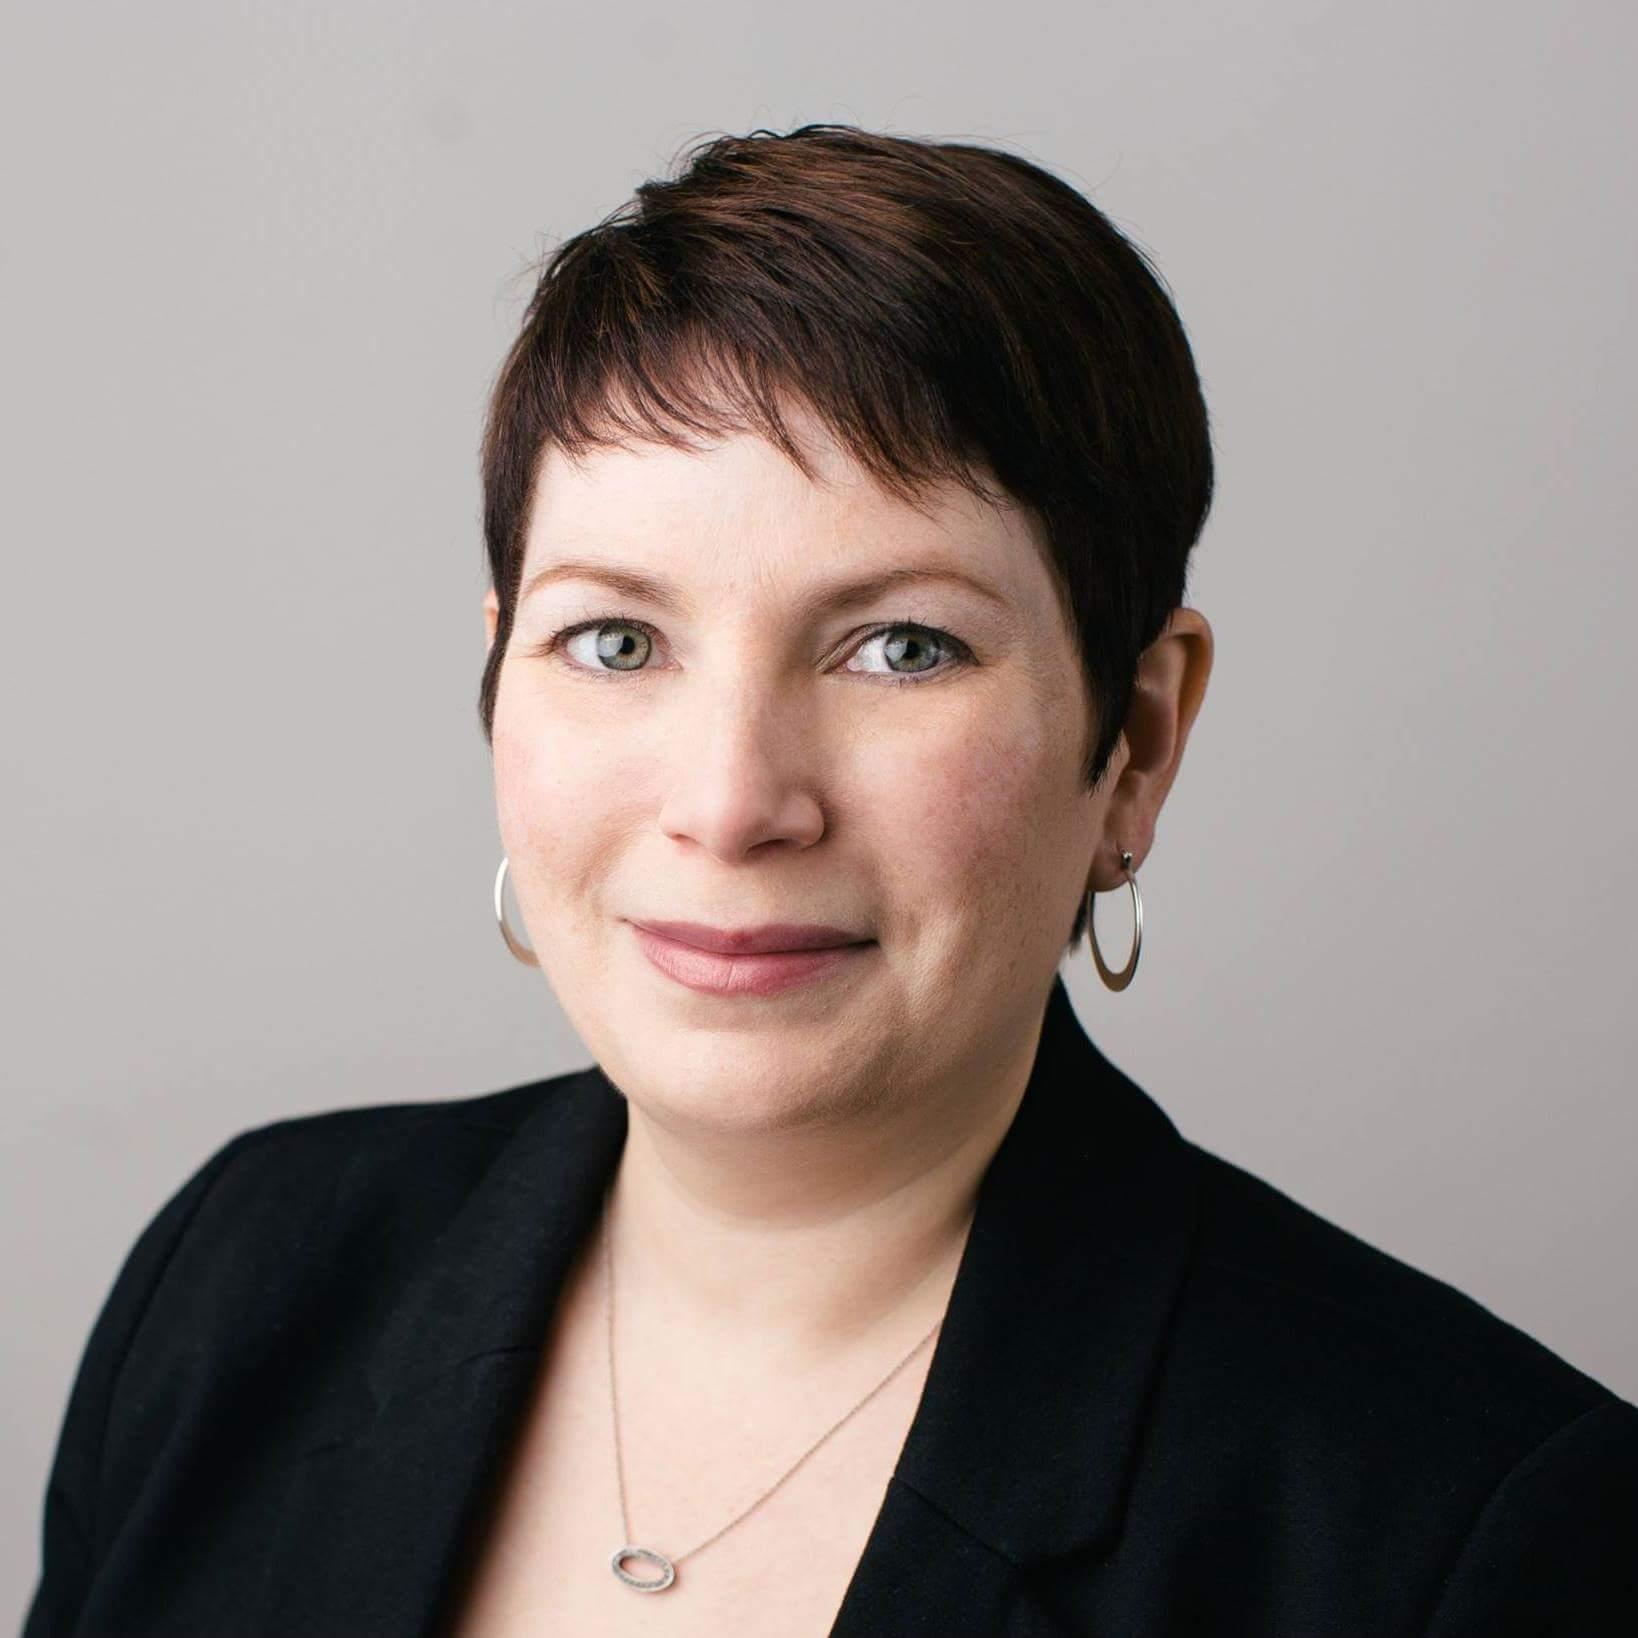 SARA MUDGE